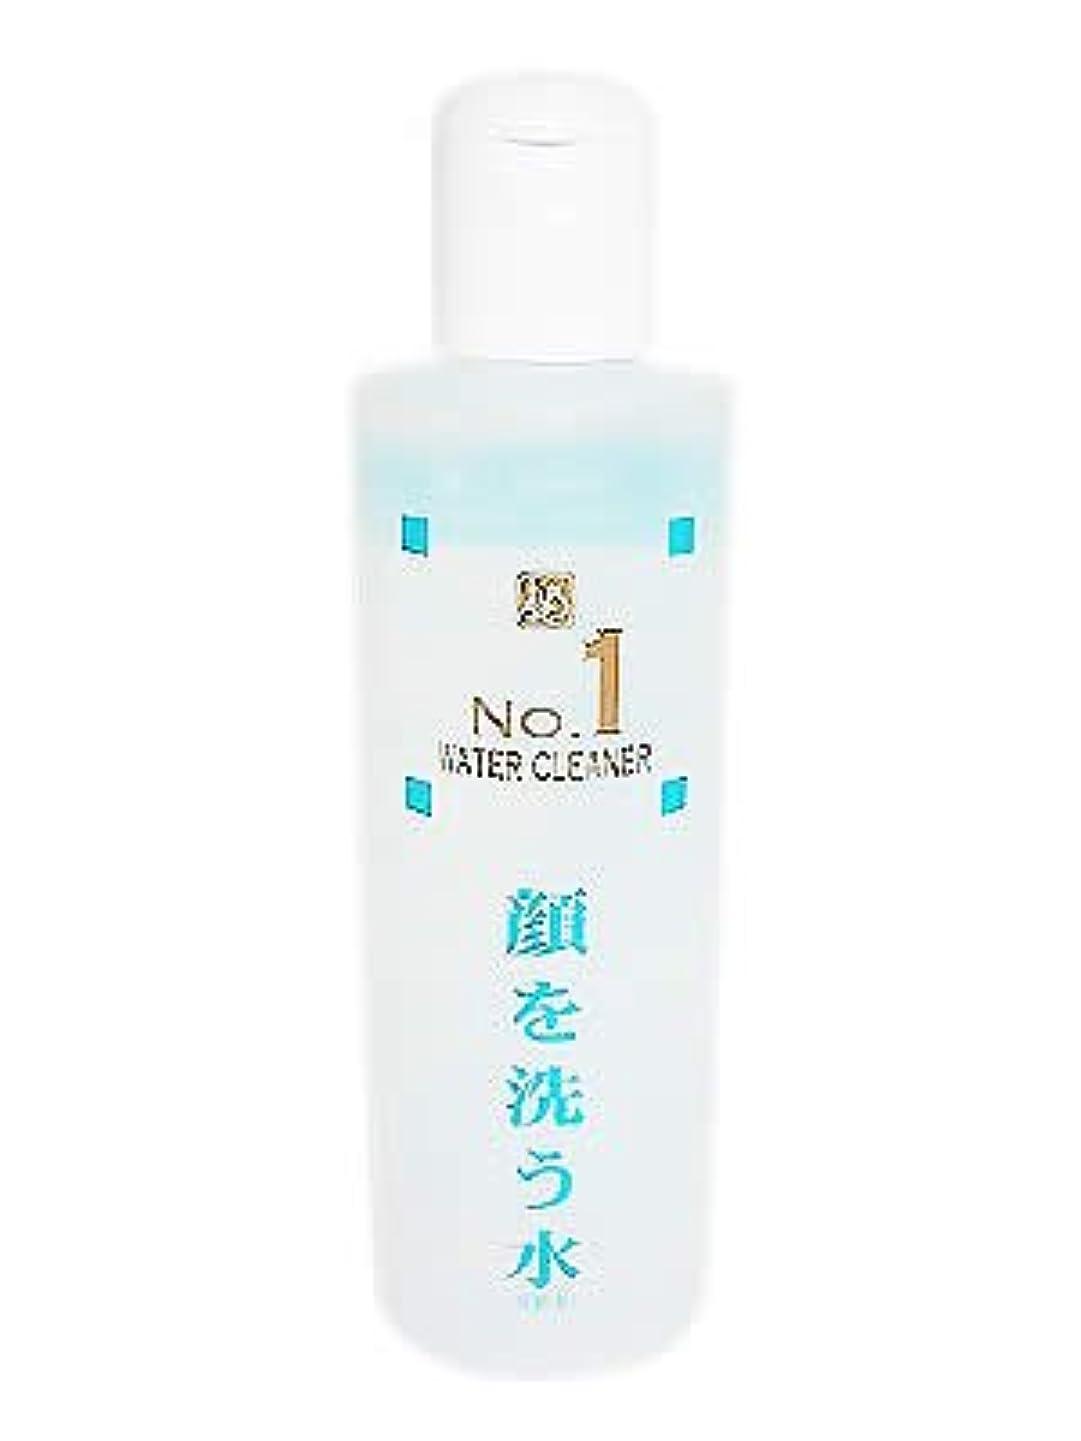 キャンバス阻害するマチュピチュ顔を洗う水 No.1 ウォータークリーナー 洗顔化粧水 250ml